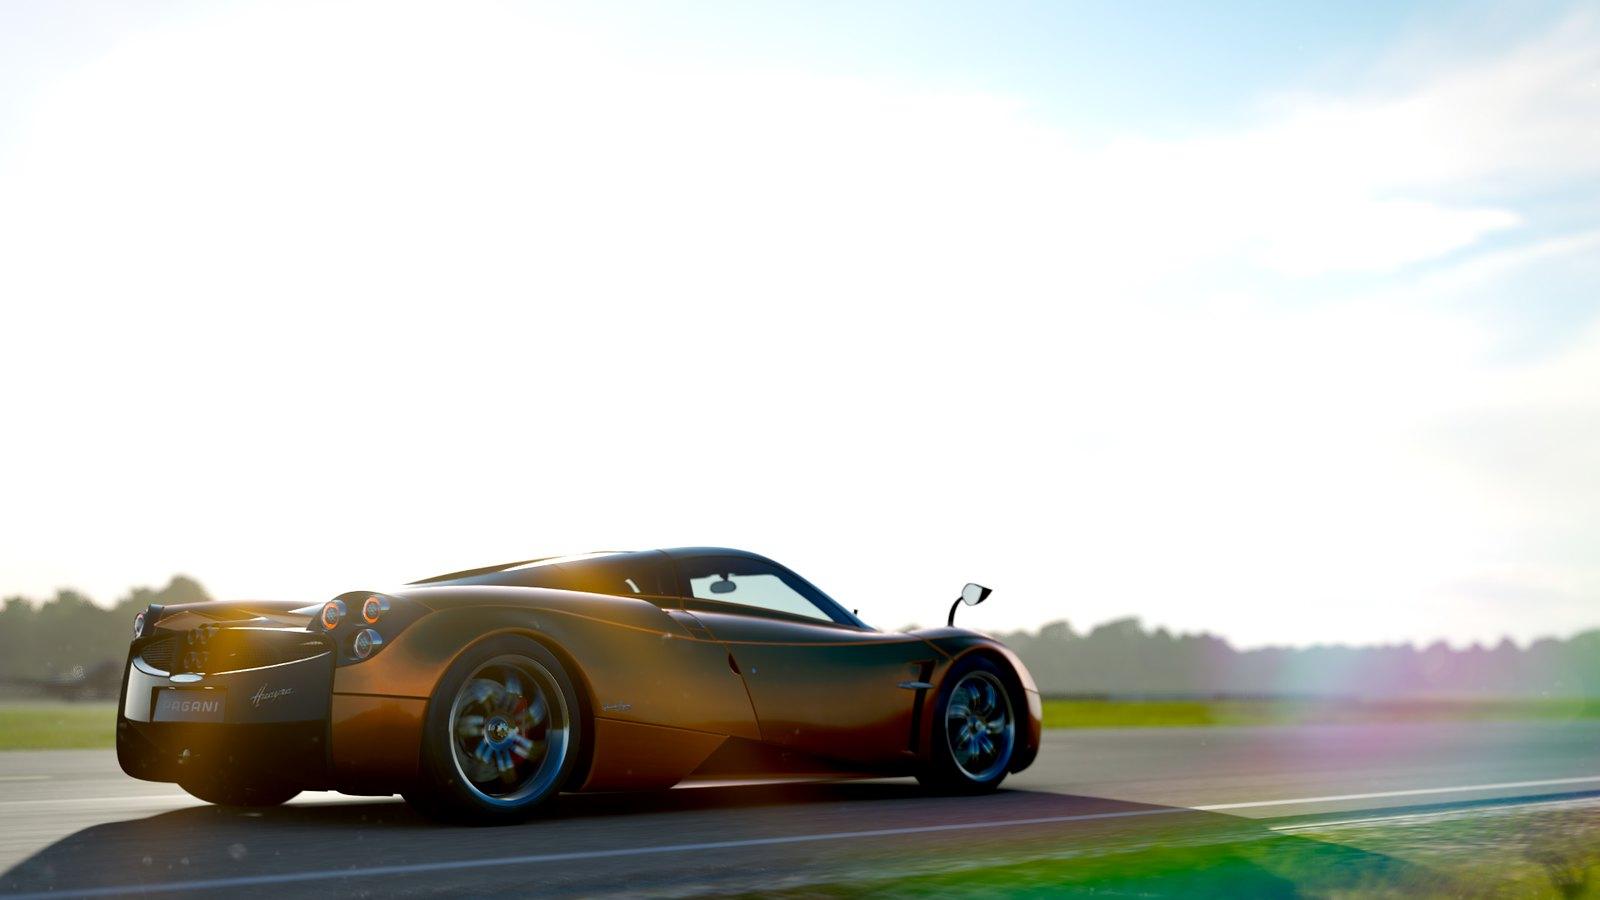 39207382245_12af8d30d1_h ForzaMotorsport.fr